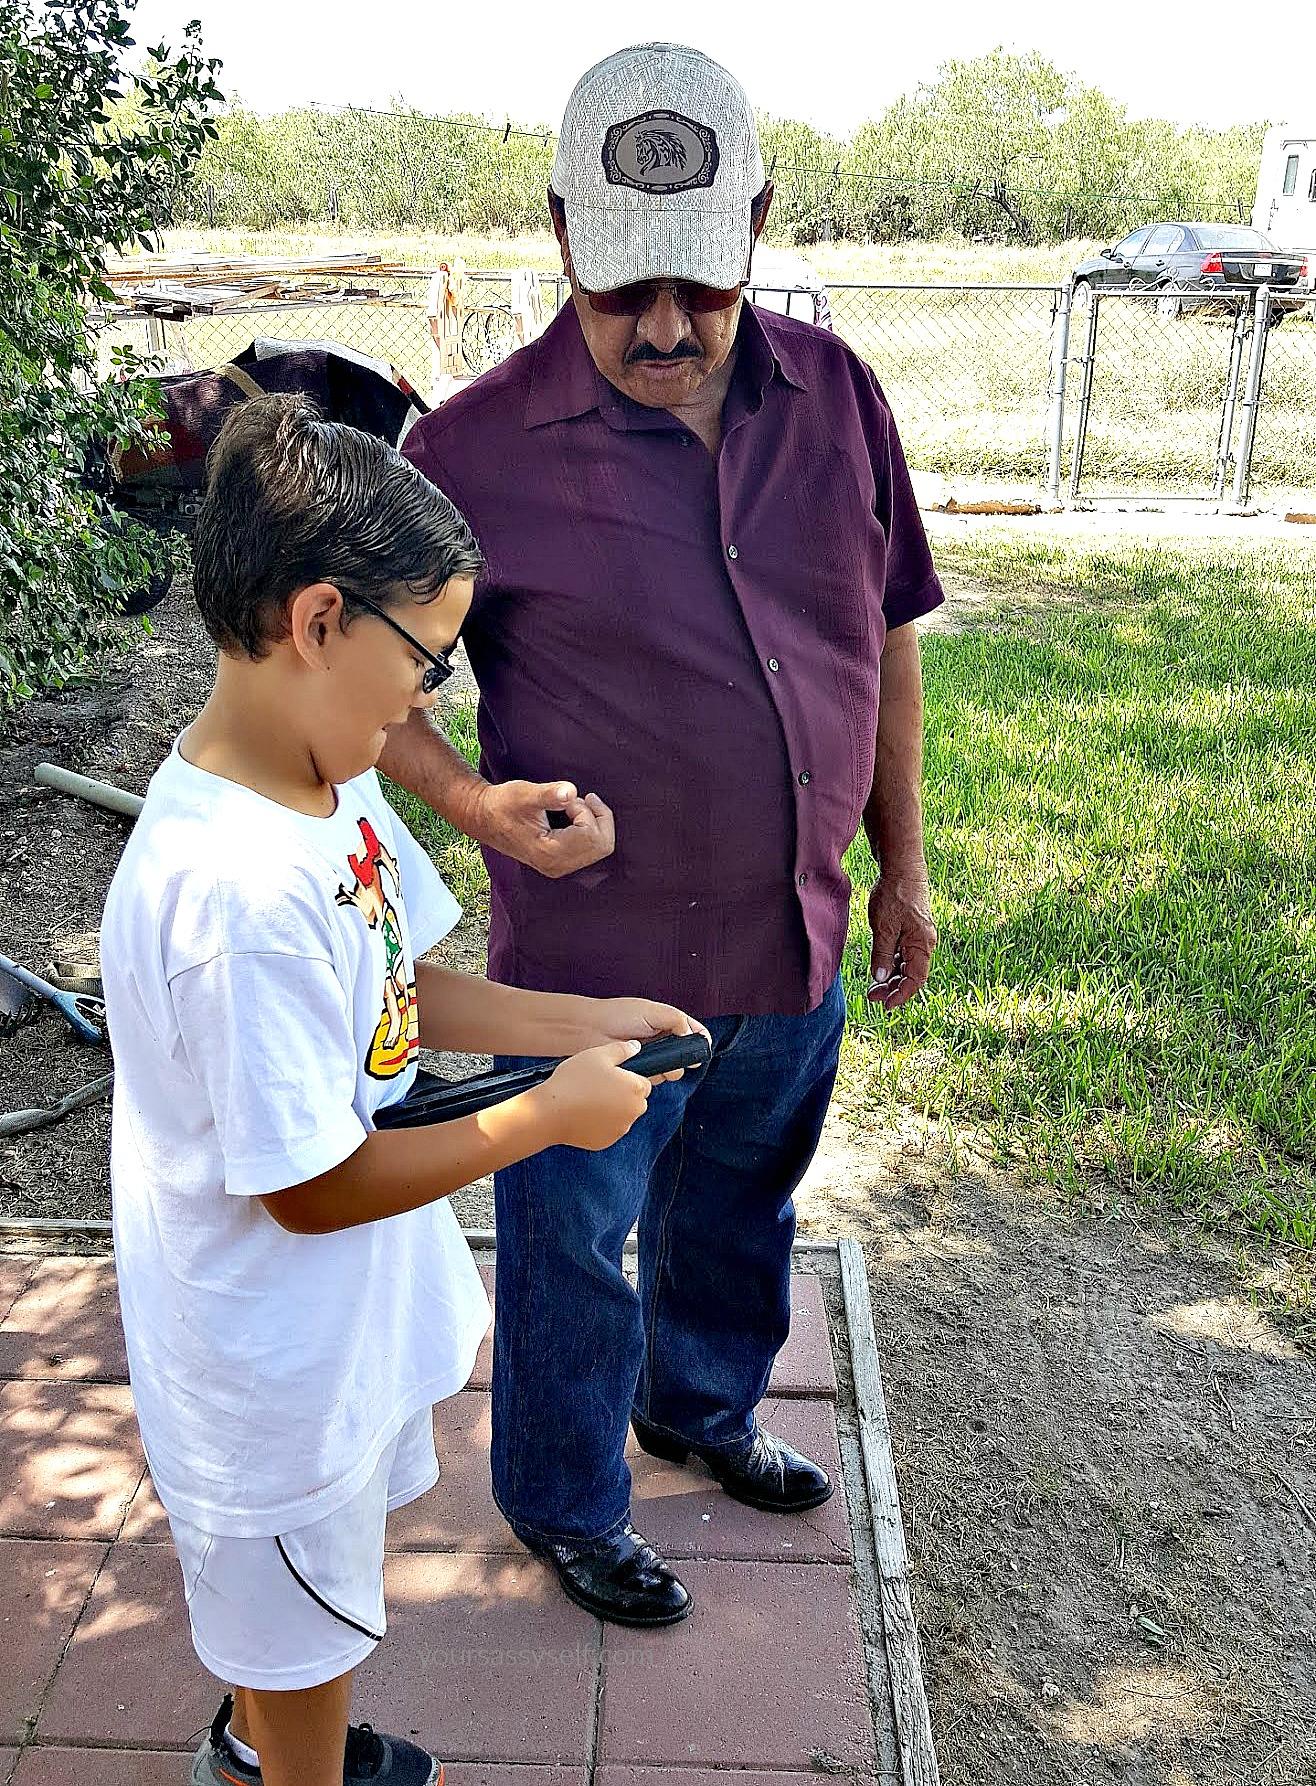 Grandpa teaching Grandson stuff - yoursassyself.com